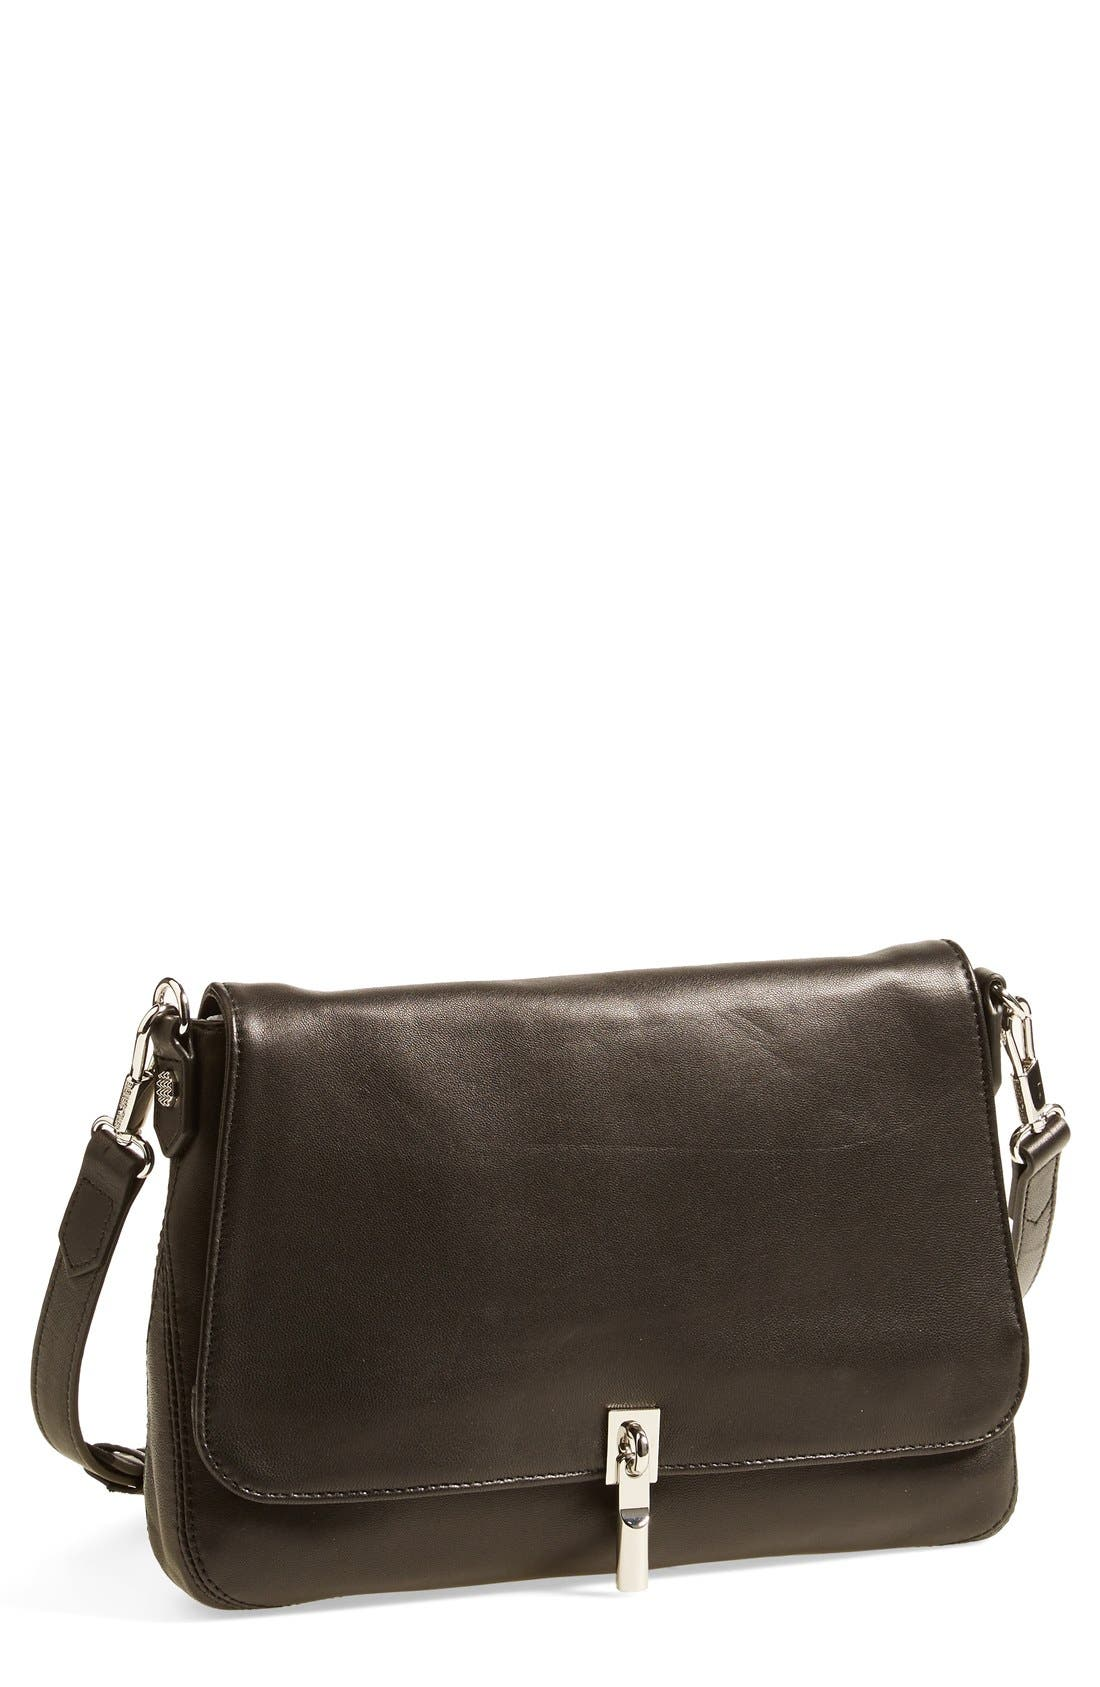 Main Image - Elizabeth and James 'Mini Cynnie' Leather Crossbody Bag